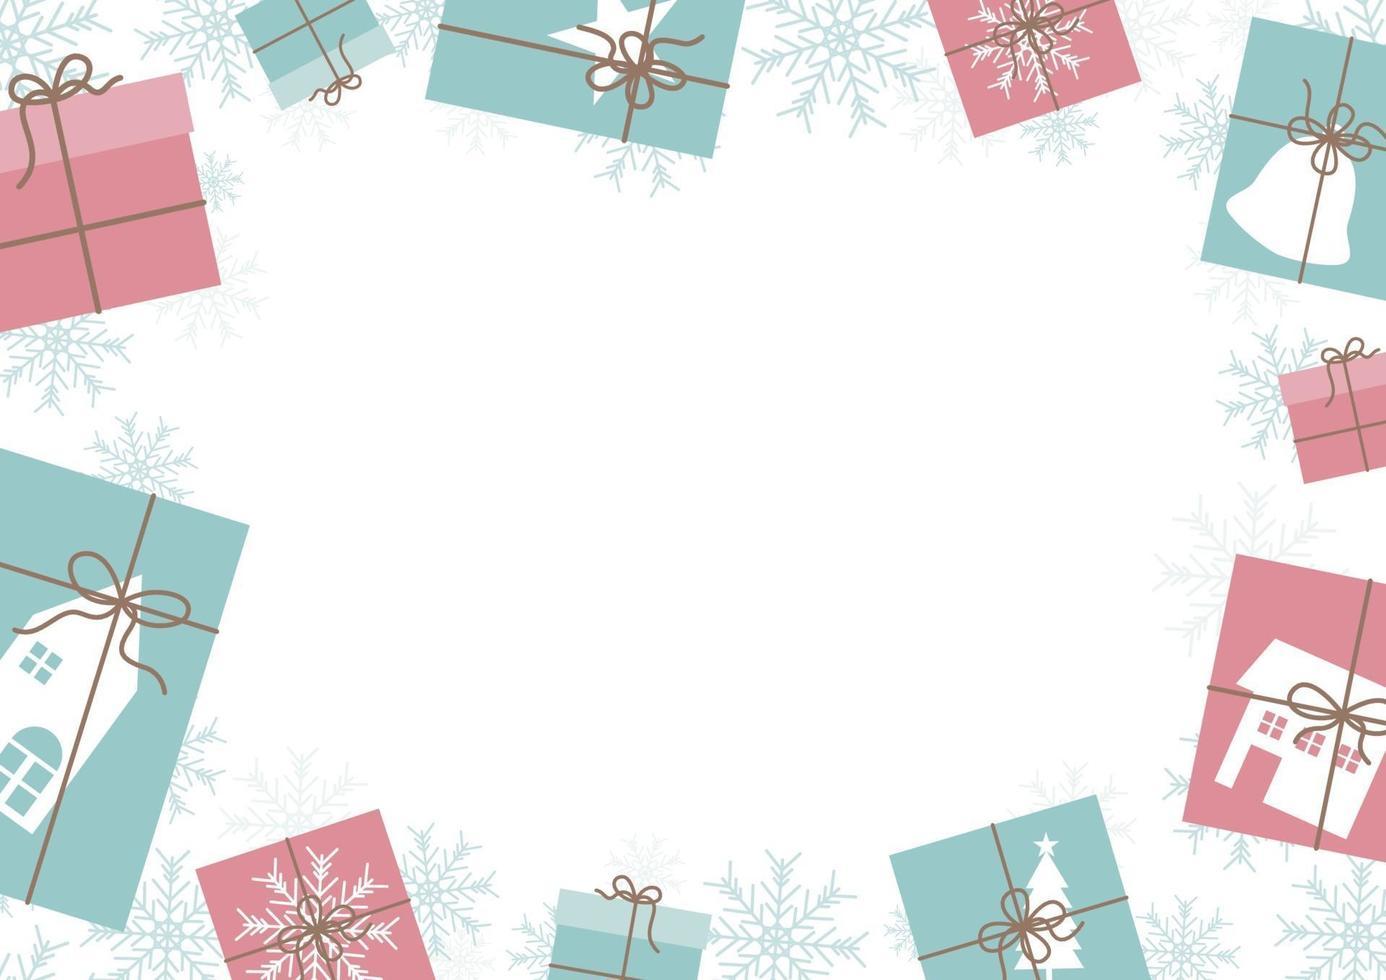 desenho de banner de natal de caixa de presente e fundo de floco de neve com ilustração vetorial de espaço de cópia vetor